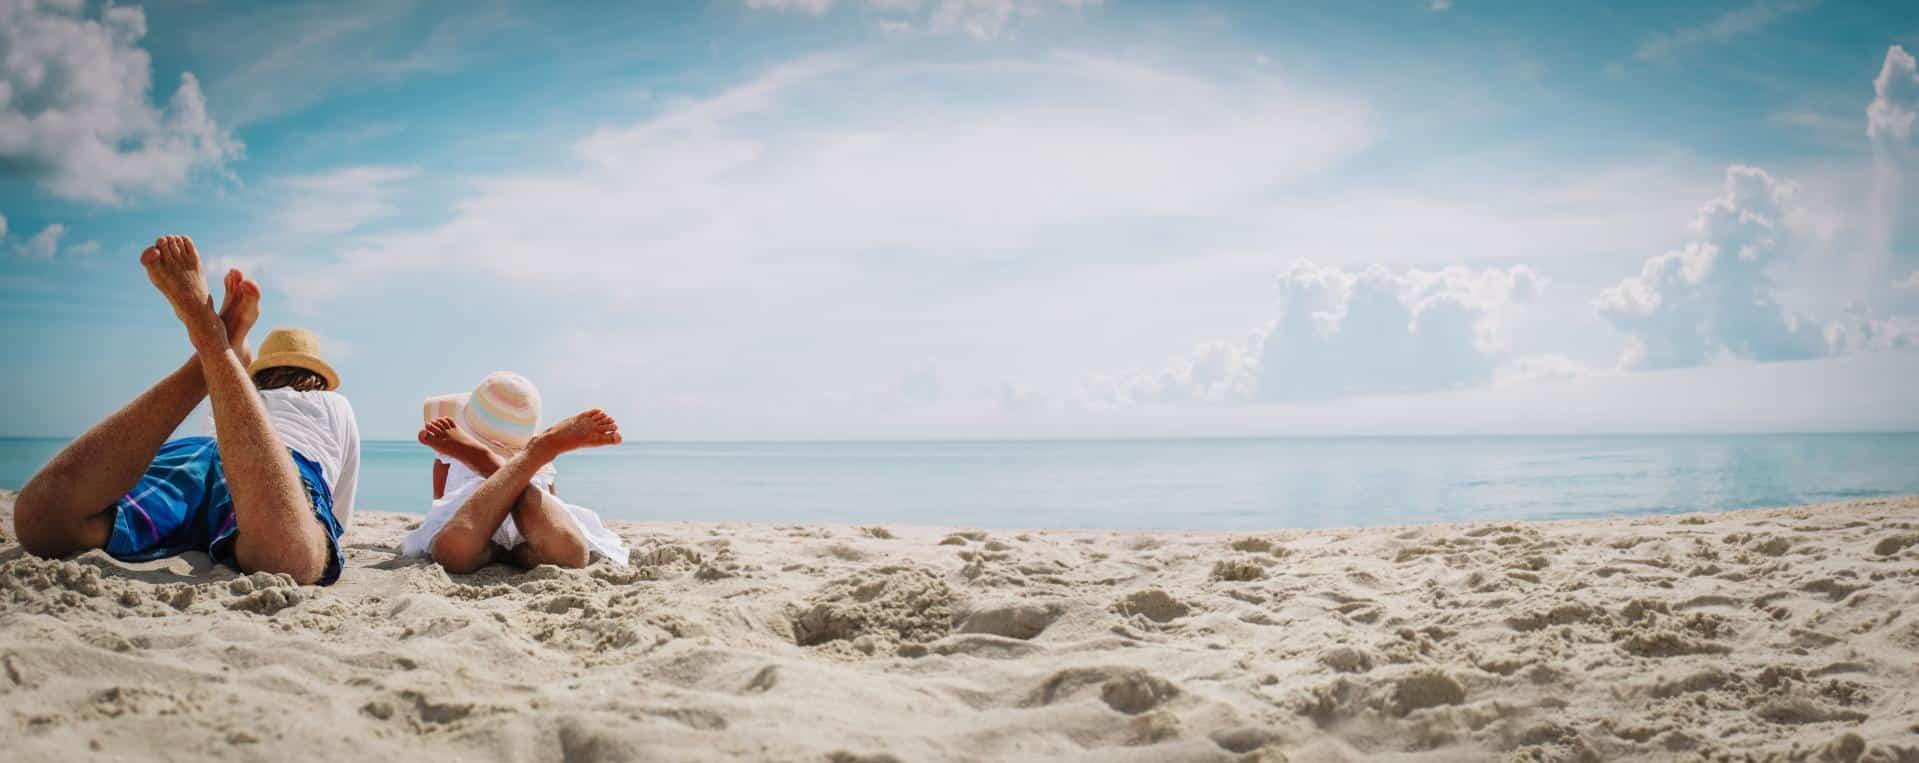 Papa und Kind am Strand